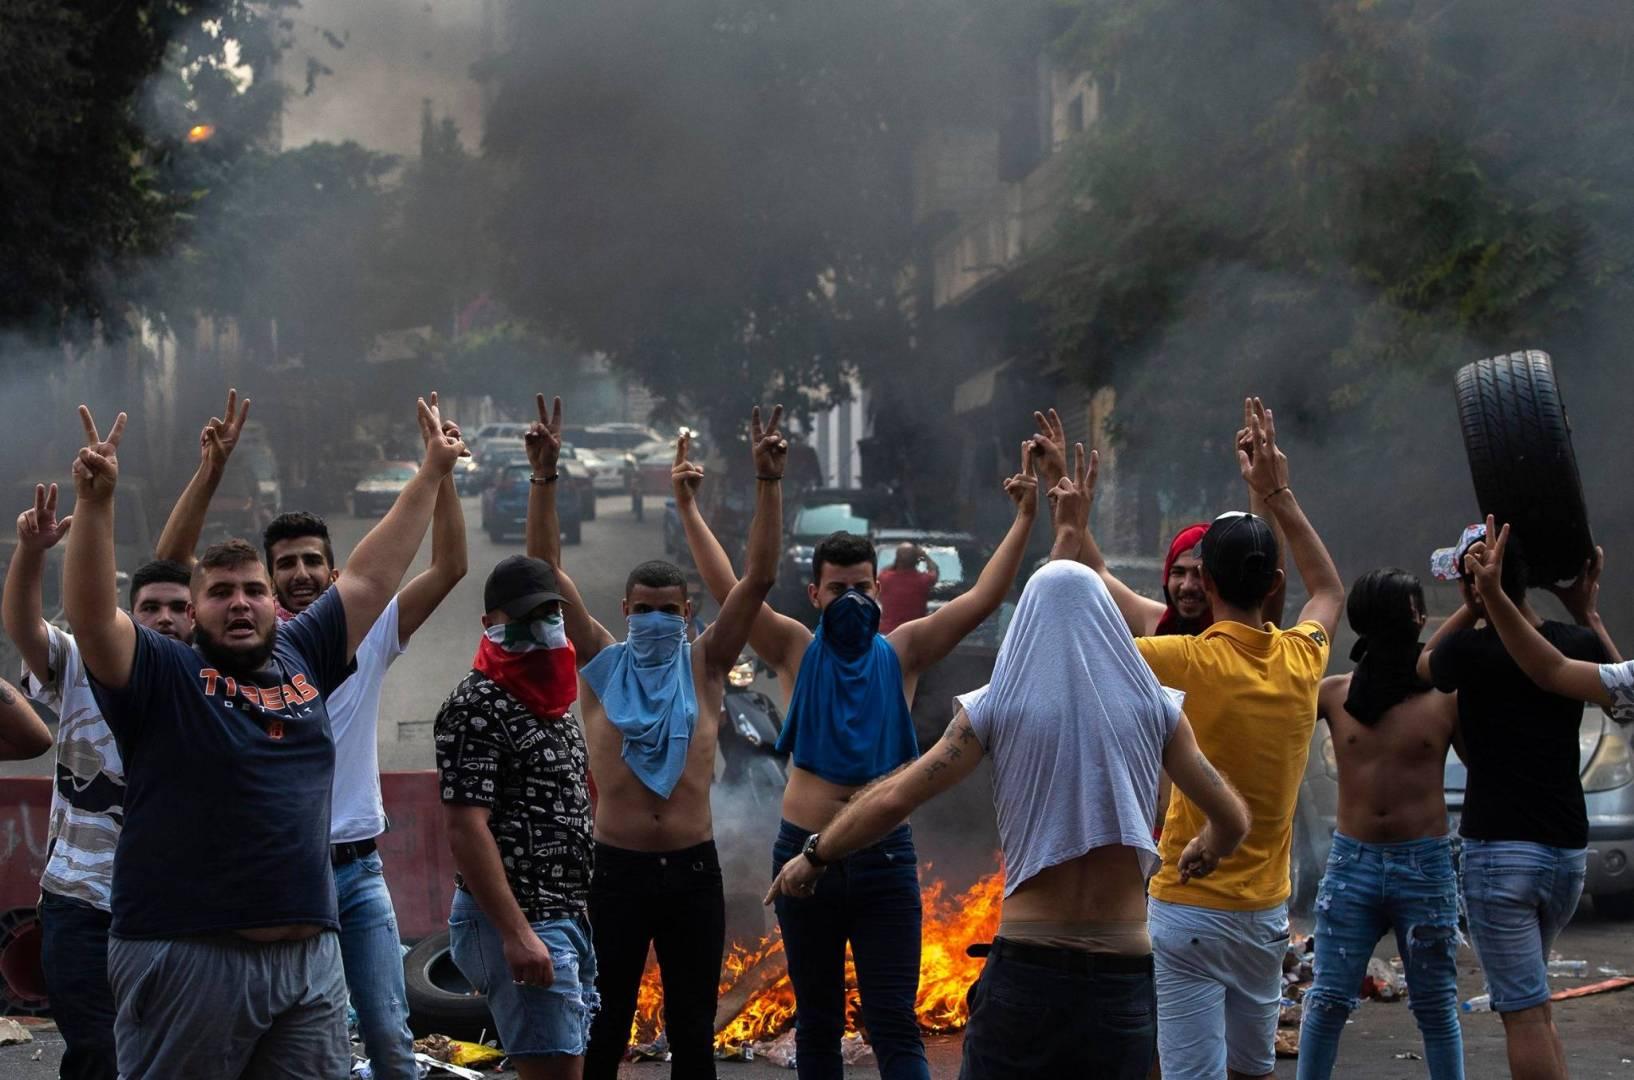 بيروت.. ارتفاع مصابي المواجهات بين المحتجين والأمن إلى 90